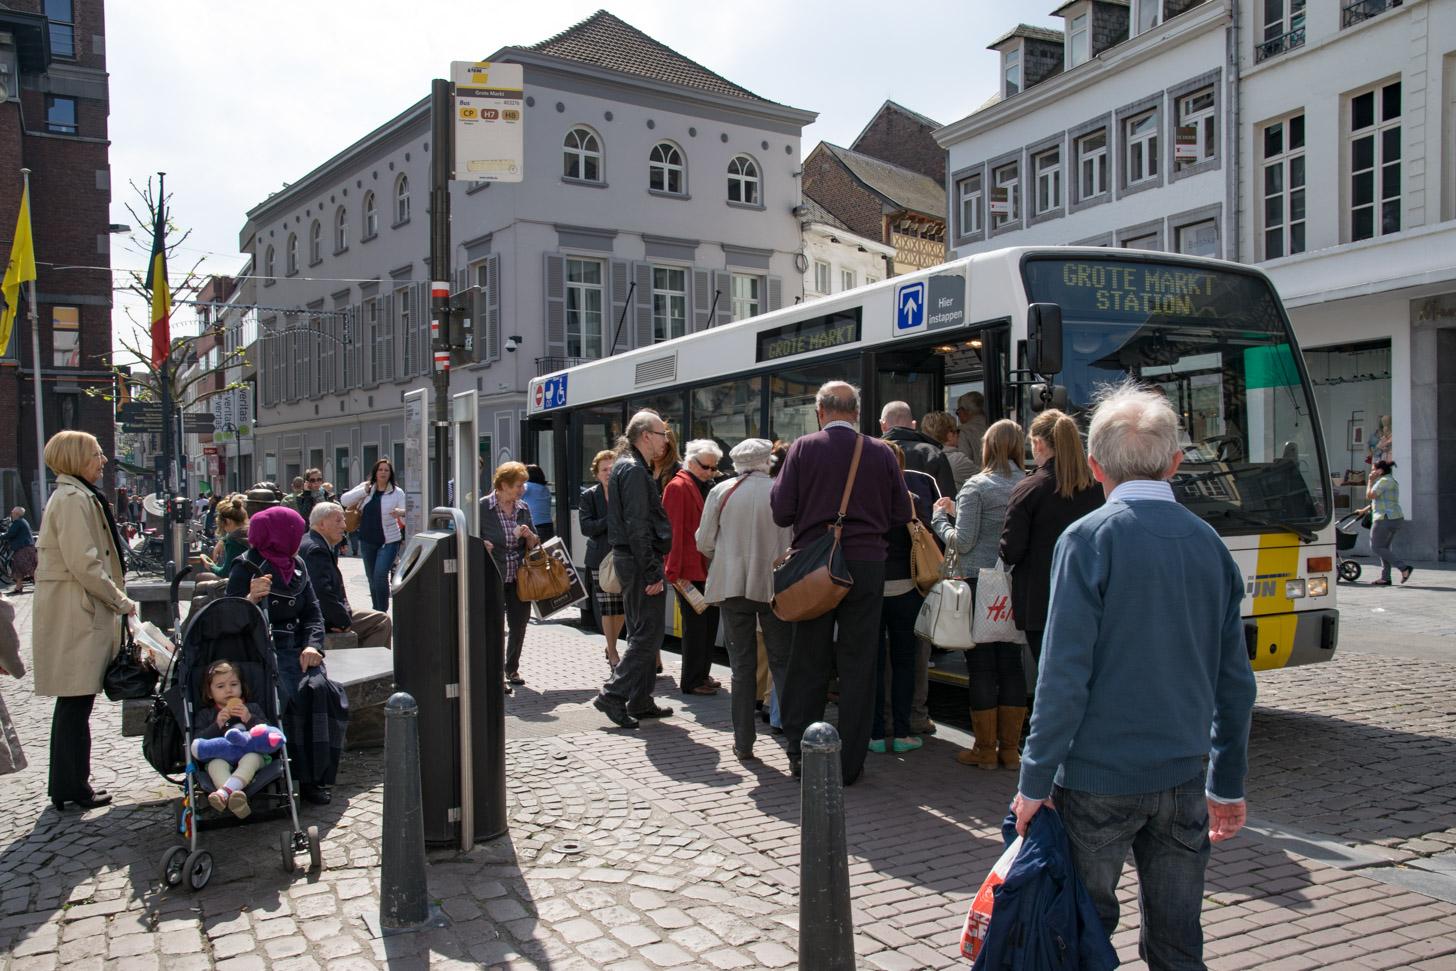 De bus van De Lijn